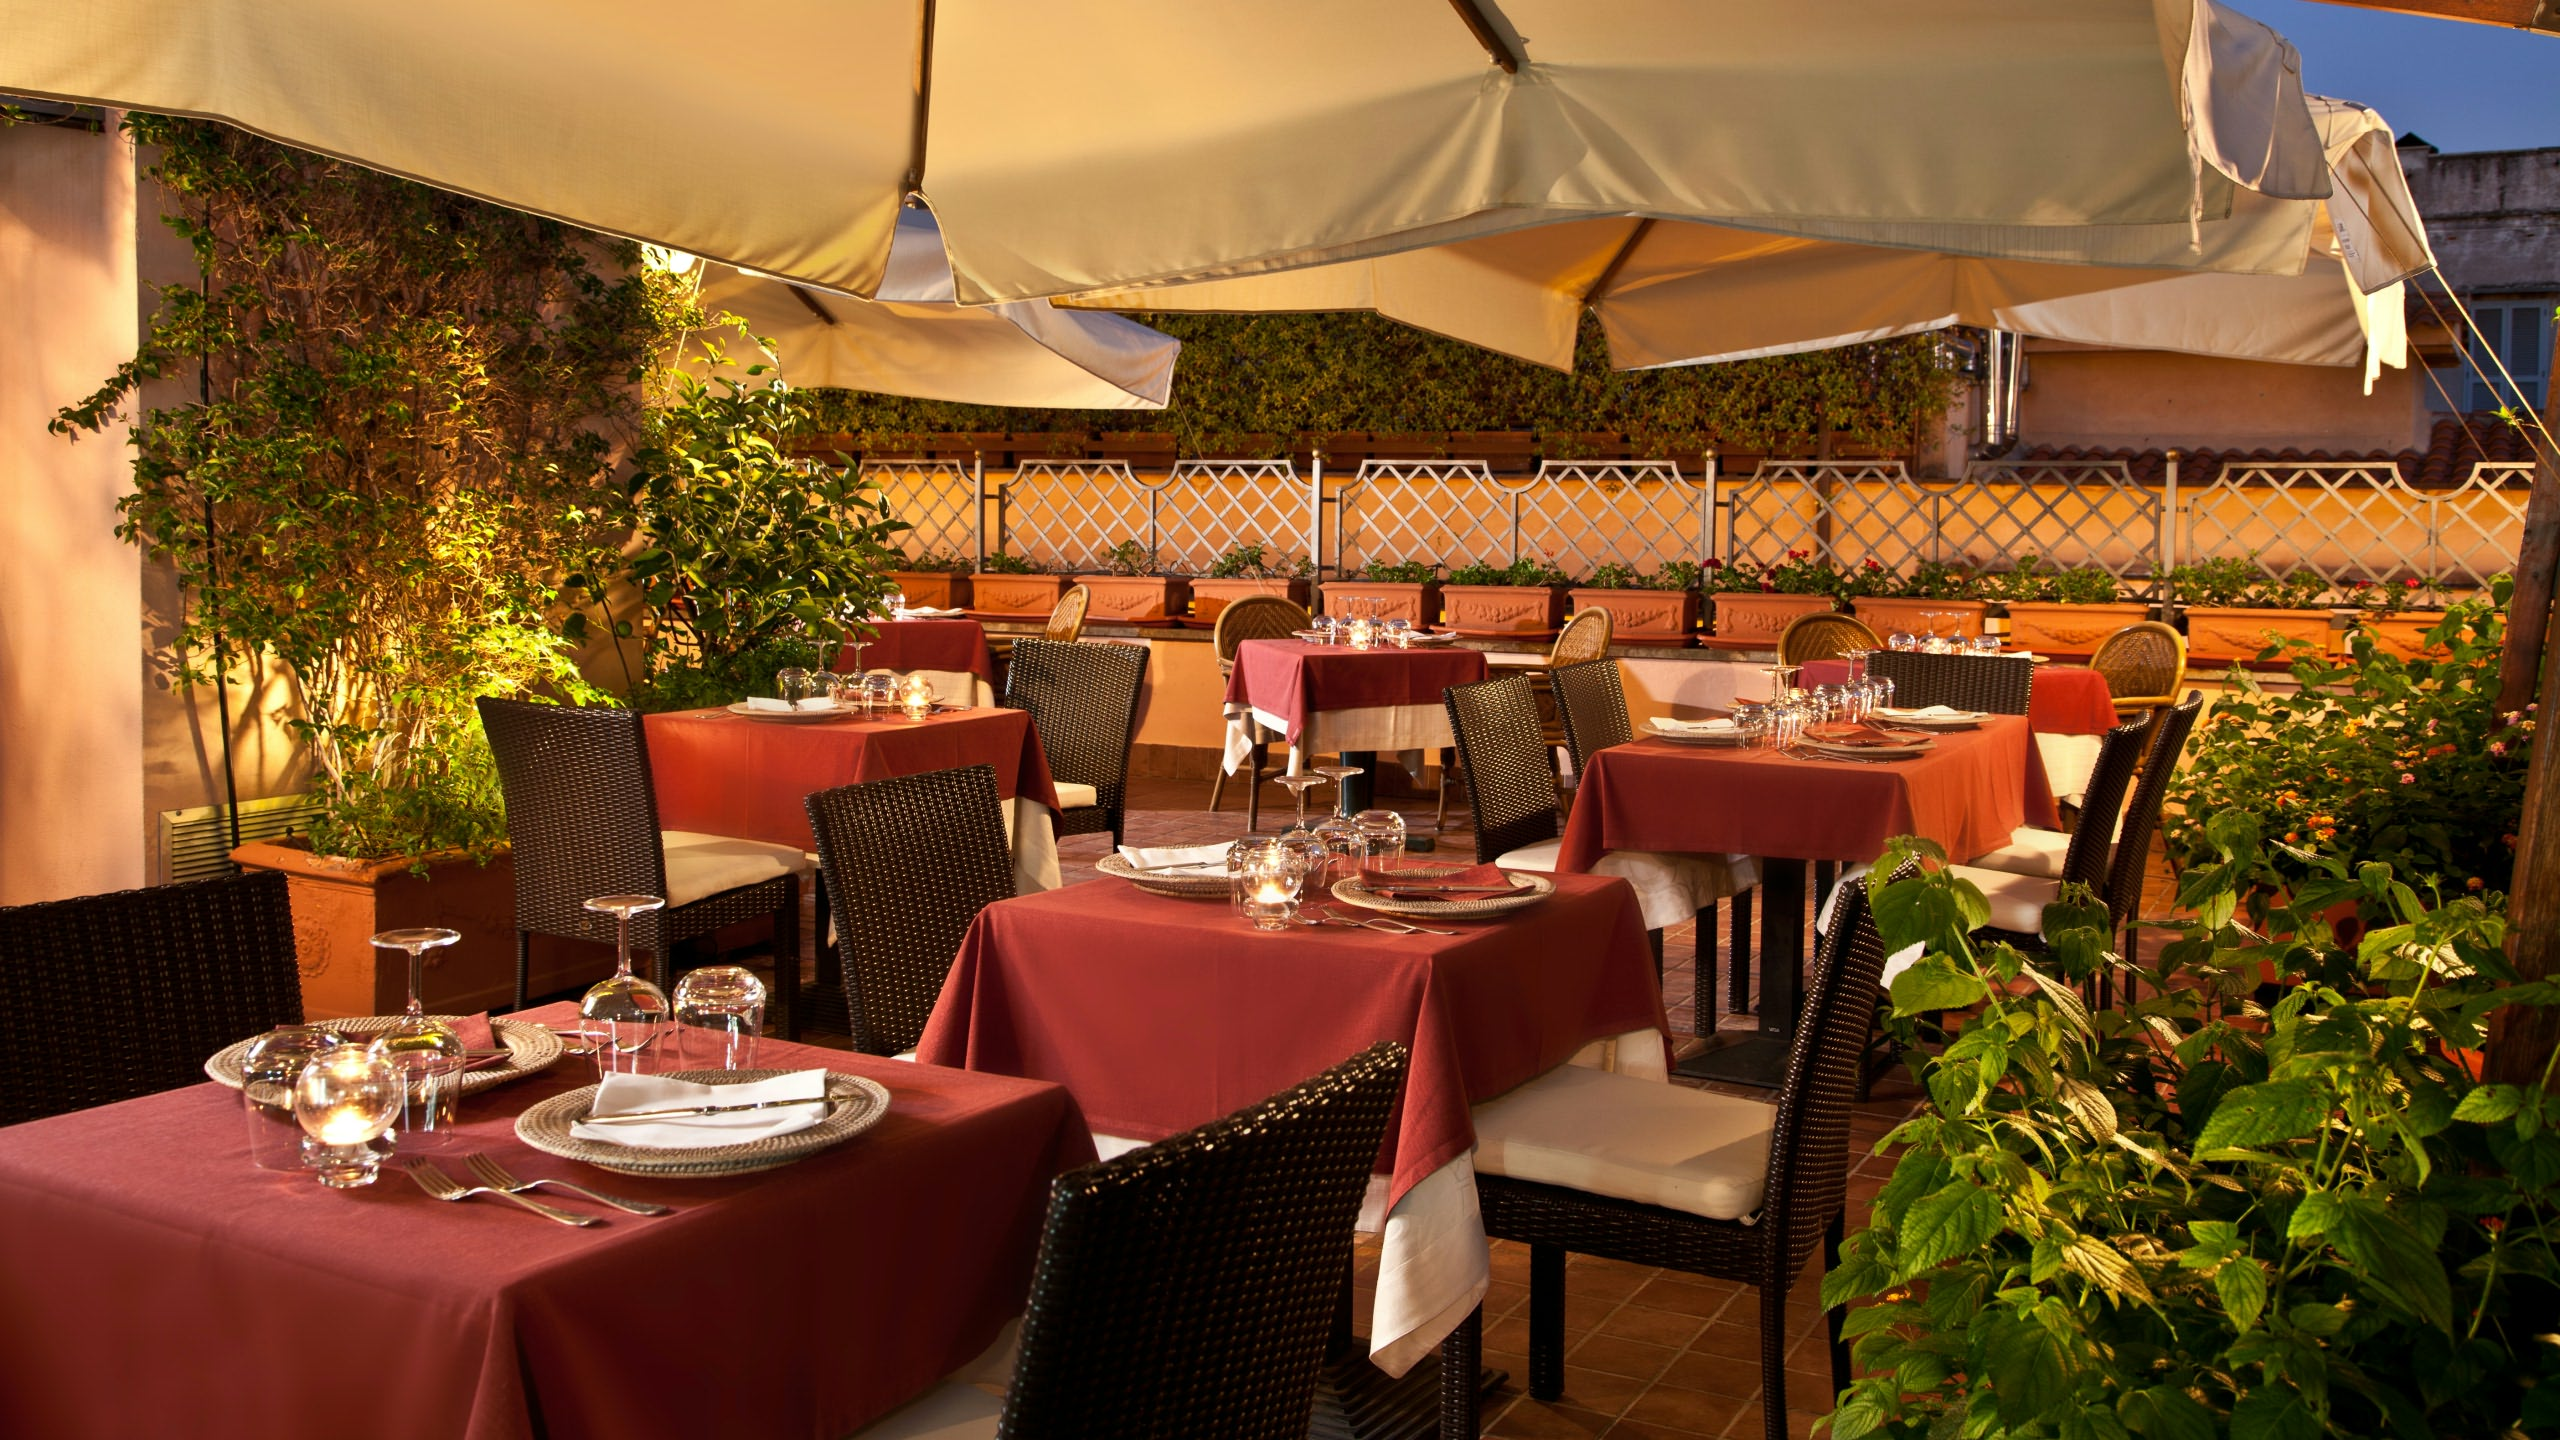 albergo-ottocento-rome-terrace-04